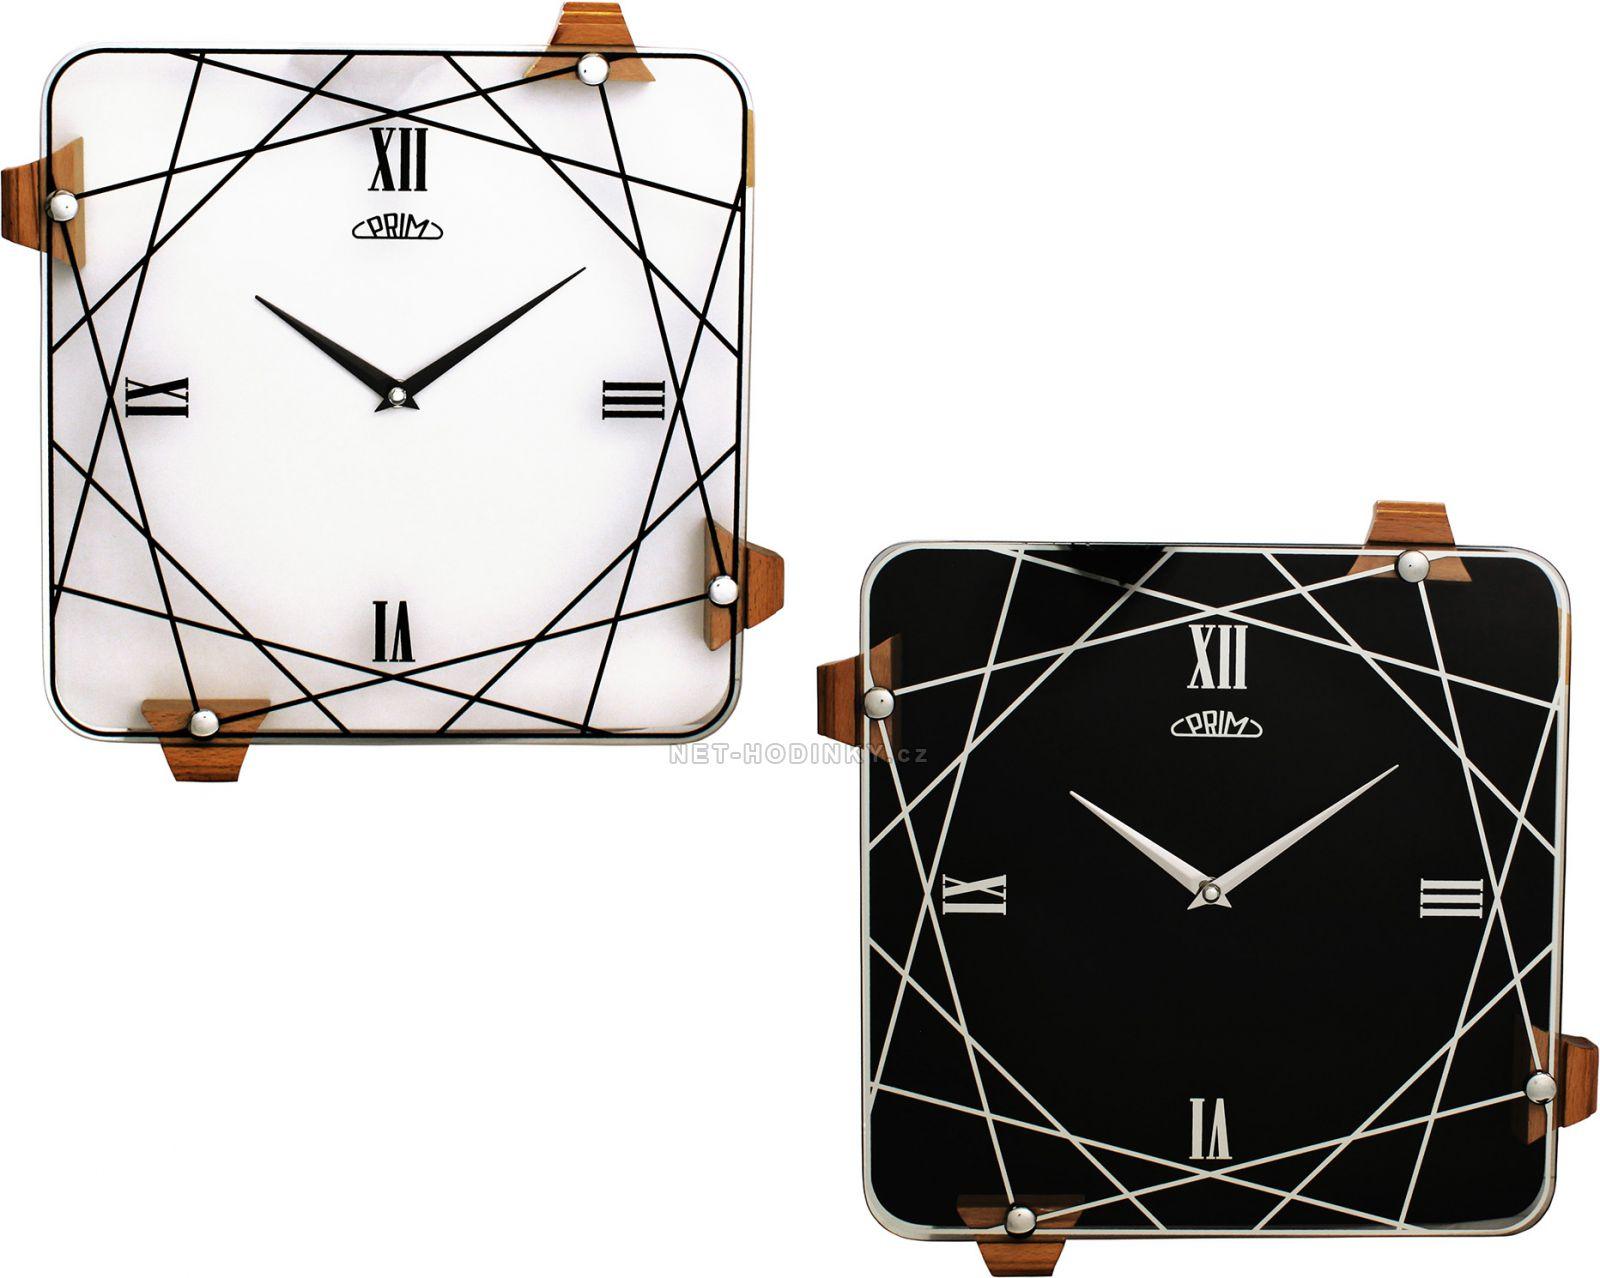 Nástěnné skleněné hodiny PRIM s moderním dekorem 00 - bílá